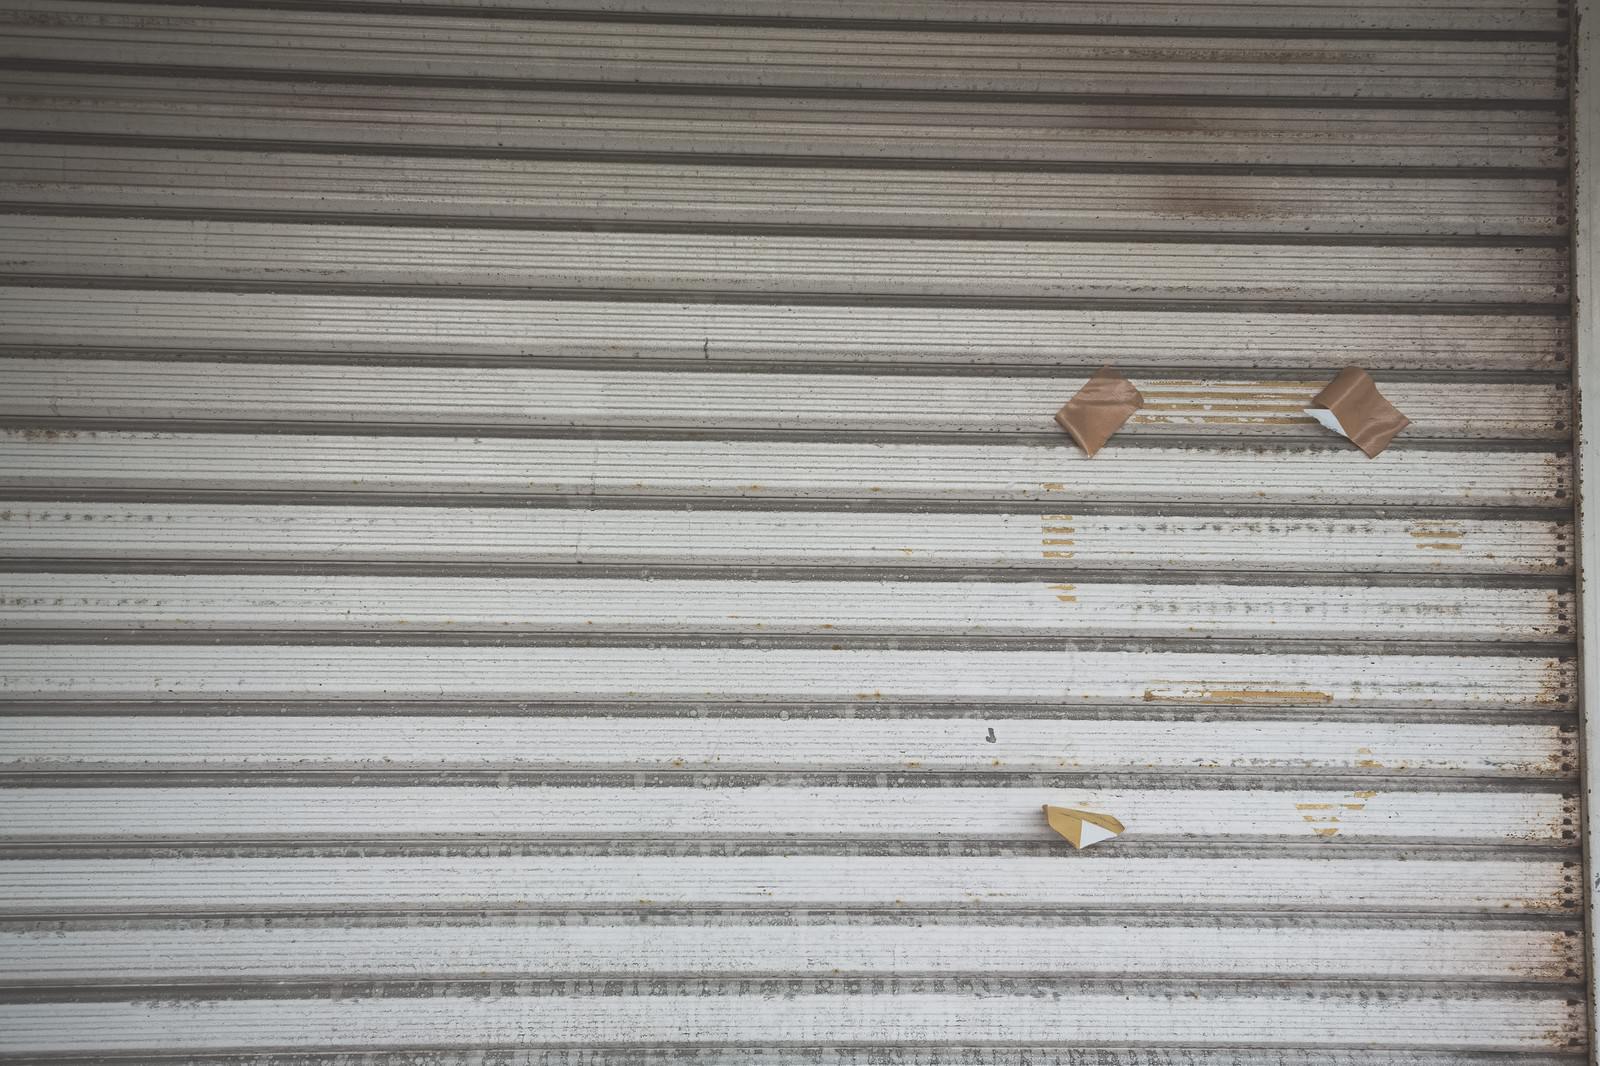 「張り紙の跡が残るシャッター」の写真